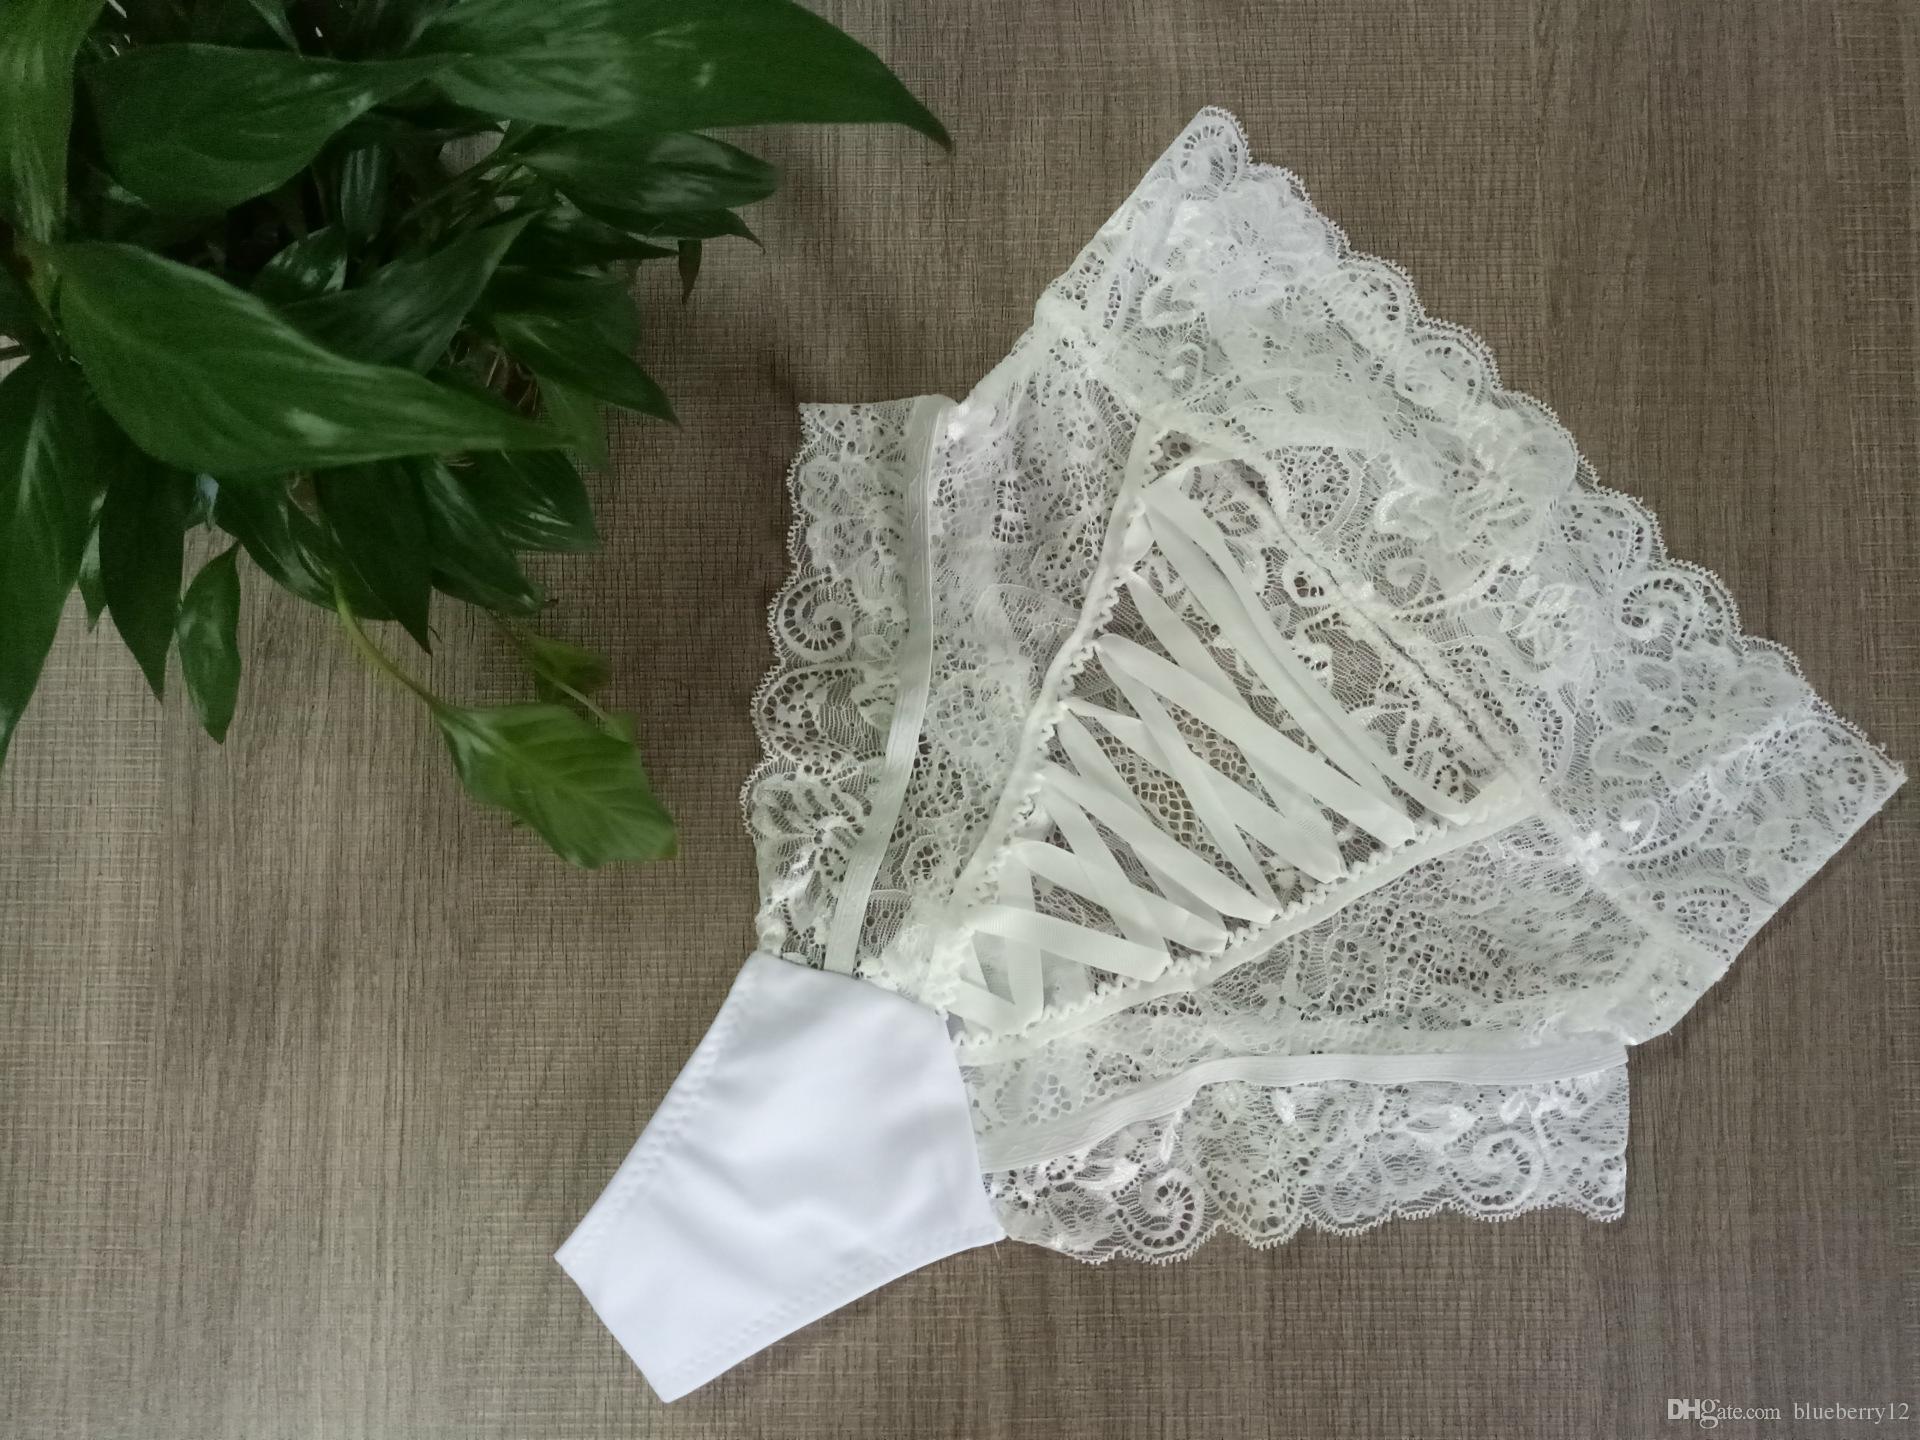 Nuevas mujeres de gran tamaño bragas atractivas del asno del cordón de la ropa interior ahuecan hacia fuera los pantalones escritos femeninos S-XXXL tamaño